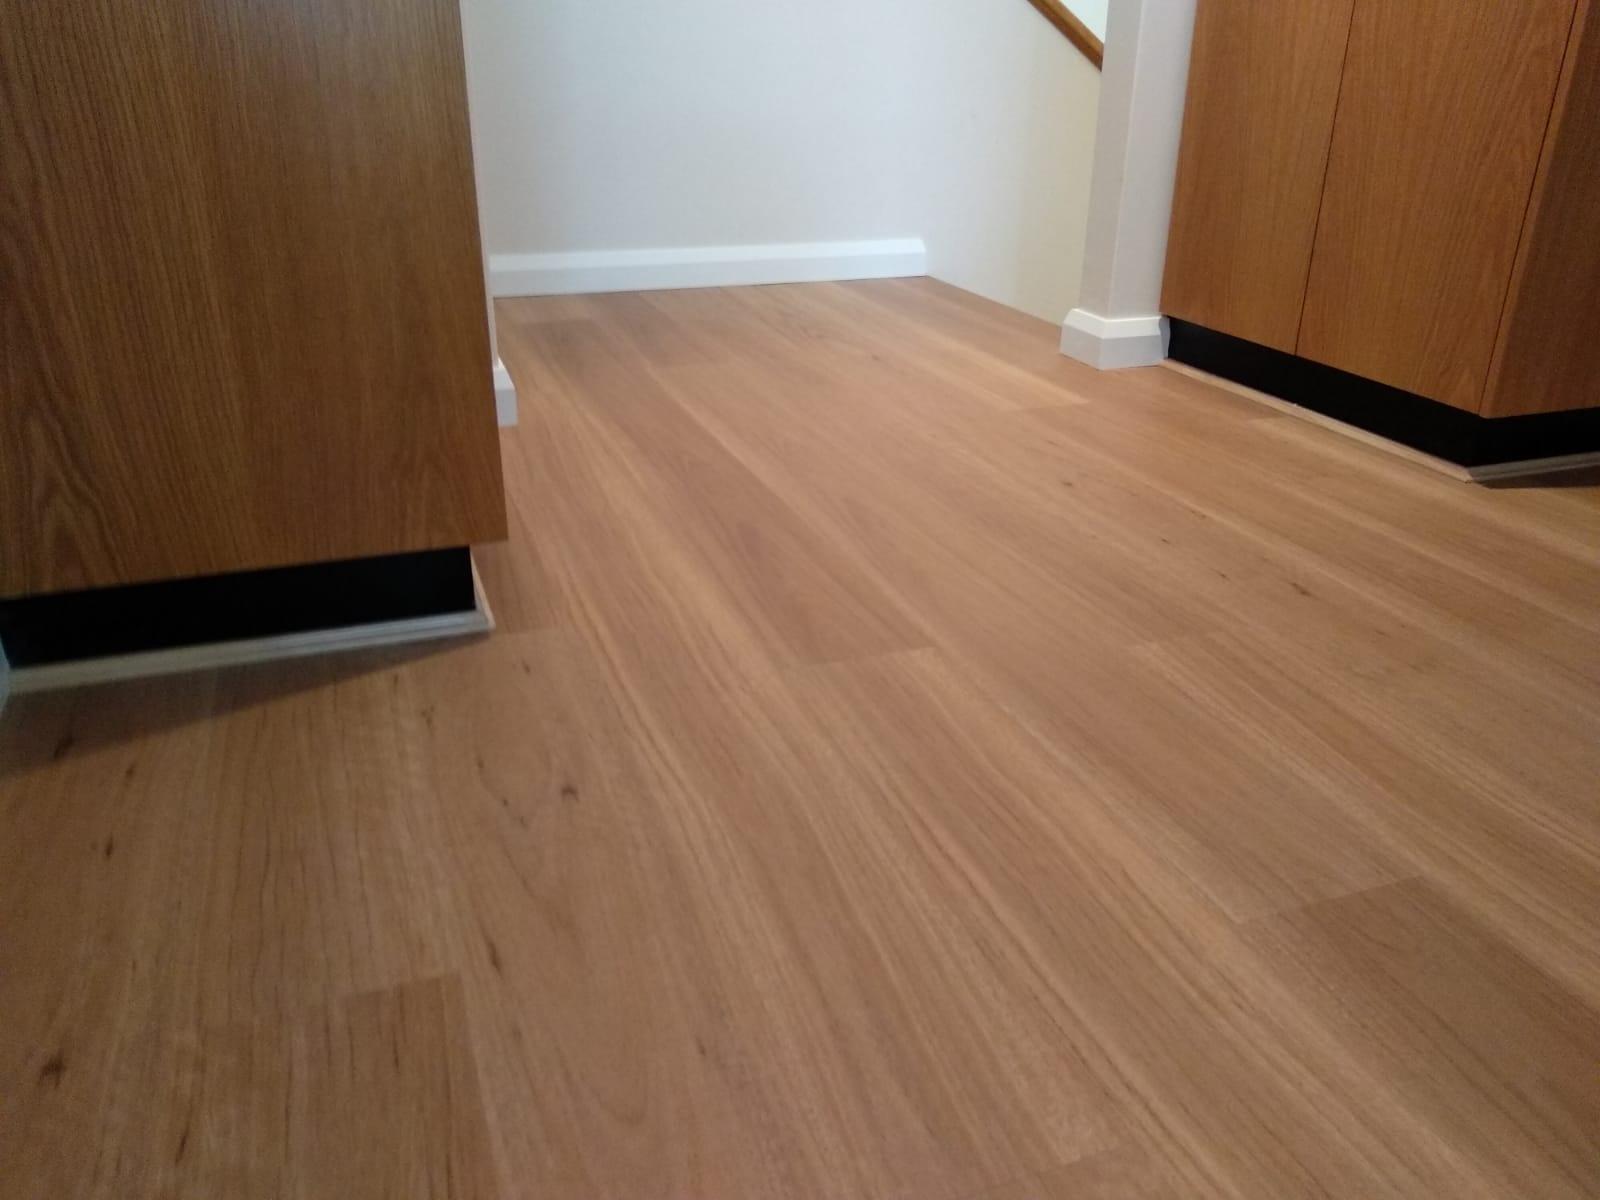 Aspire Hybrid Coastal Blackbutt Titan Timber Flooring